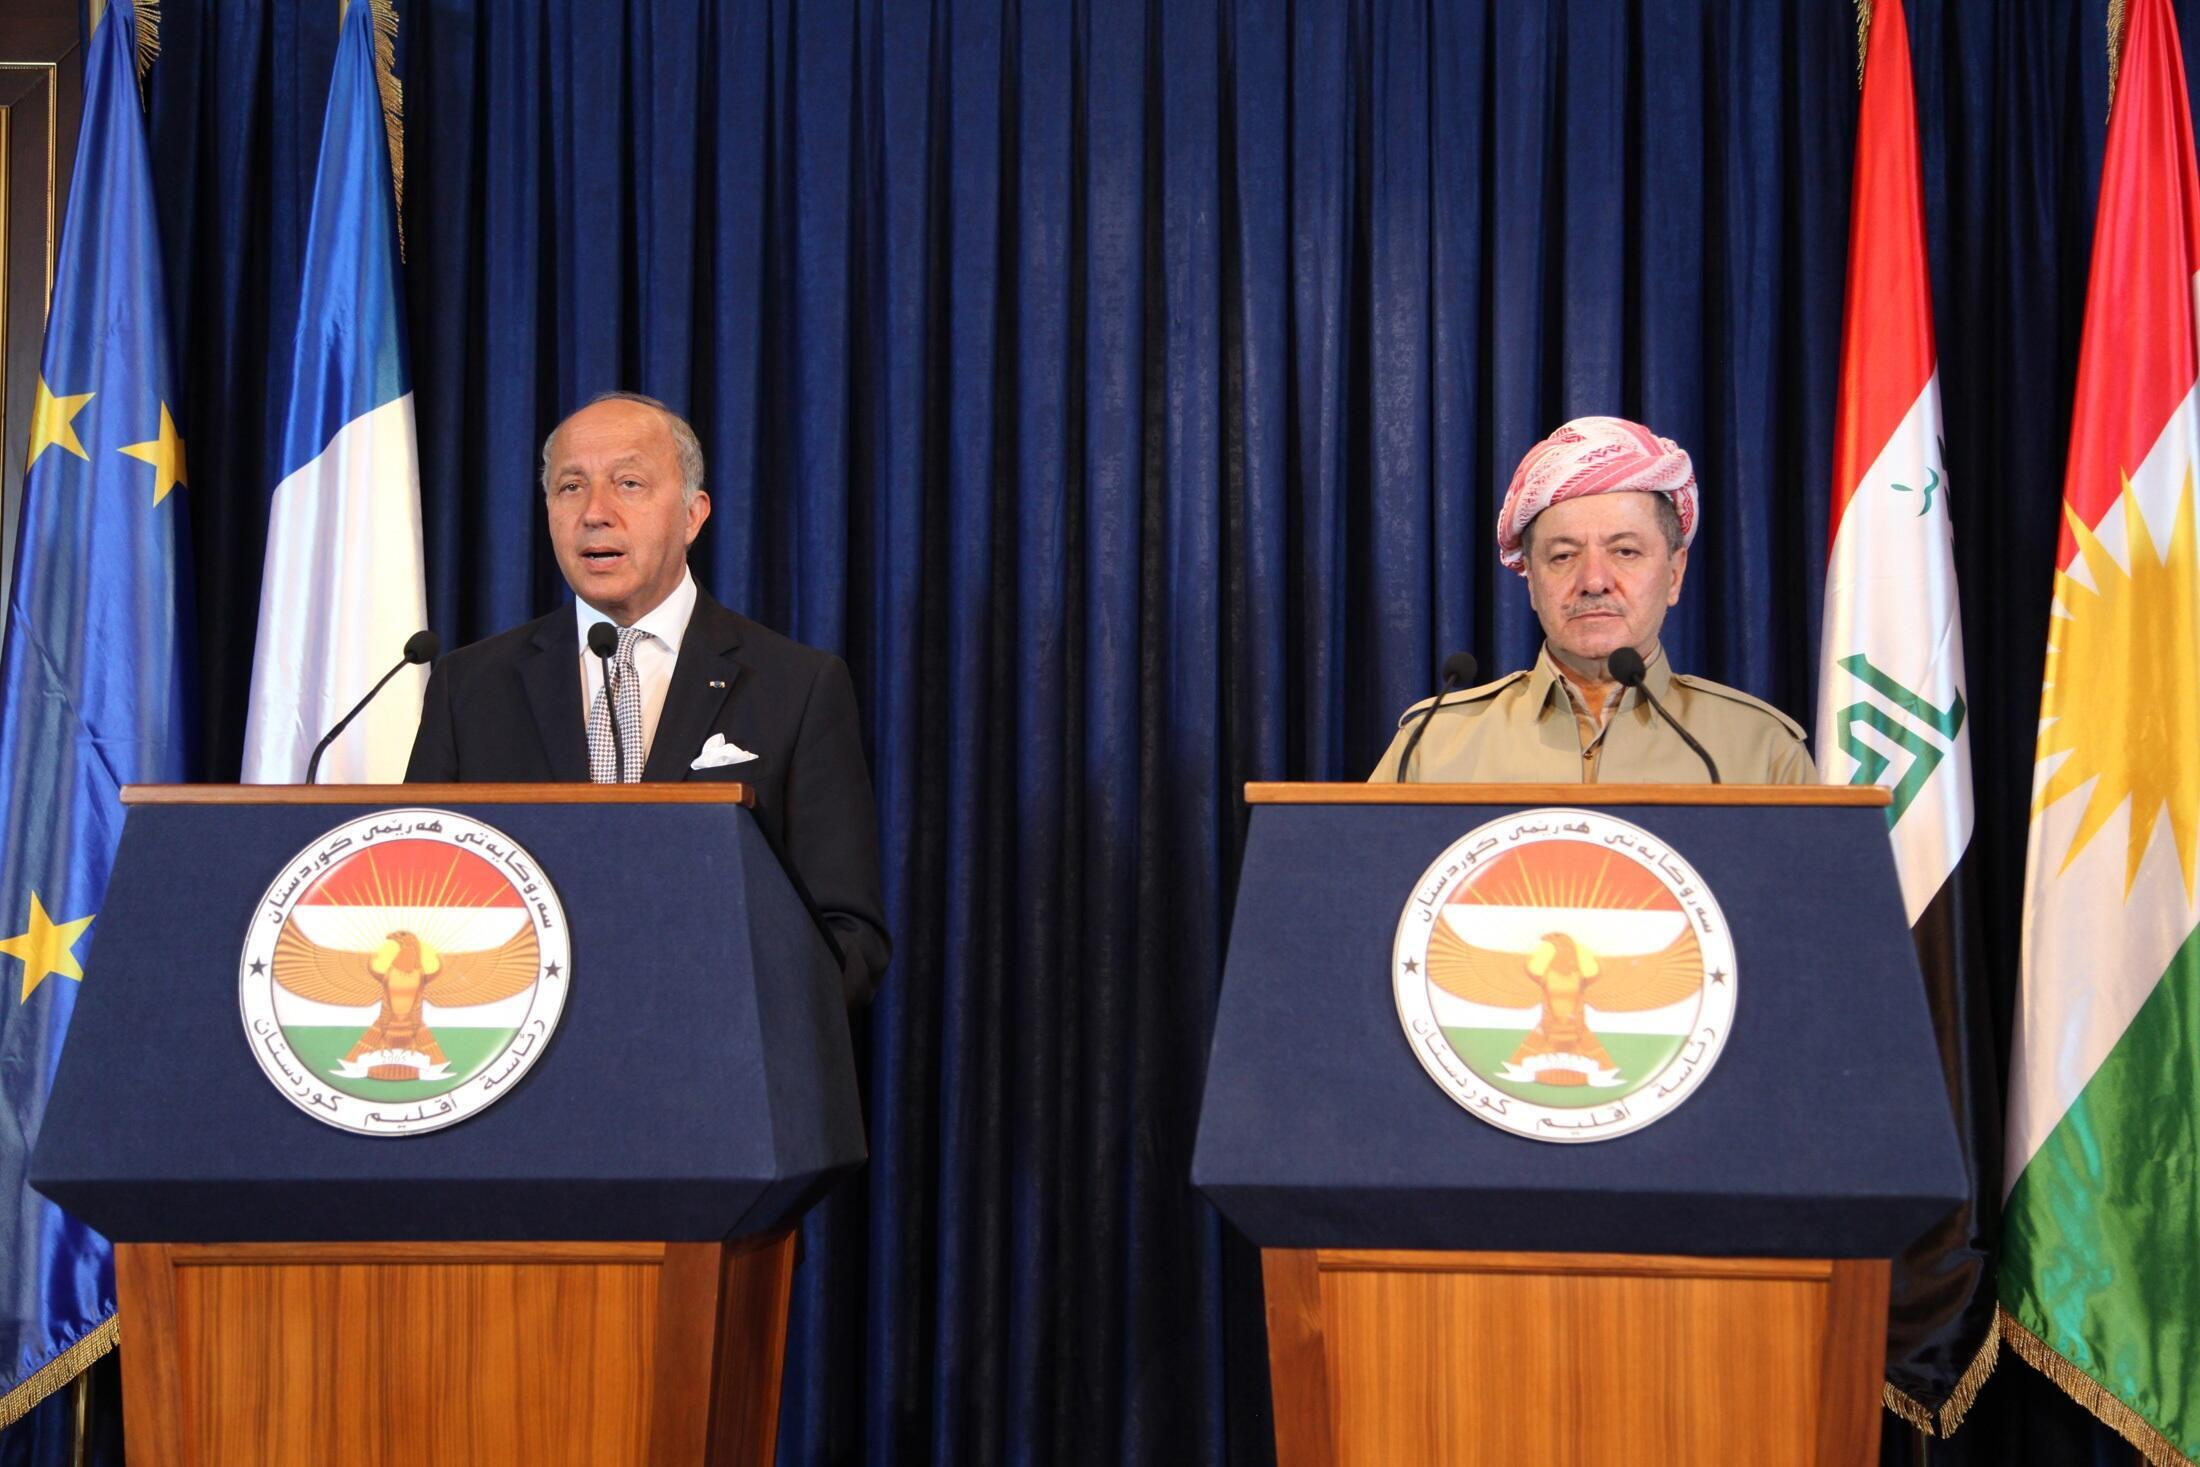 Ngoại trưởng Pháp Laurent Fabius (T) trong cuộc họp báo chung với Tổng thống Irak Masoud Barzani, người Kurdistan, tại Erbil, bắc Bagdad, 10/08/2014